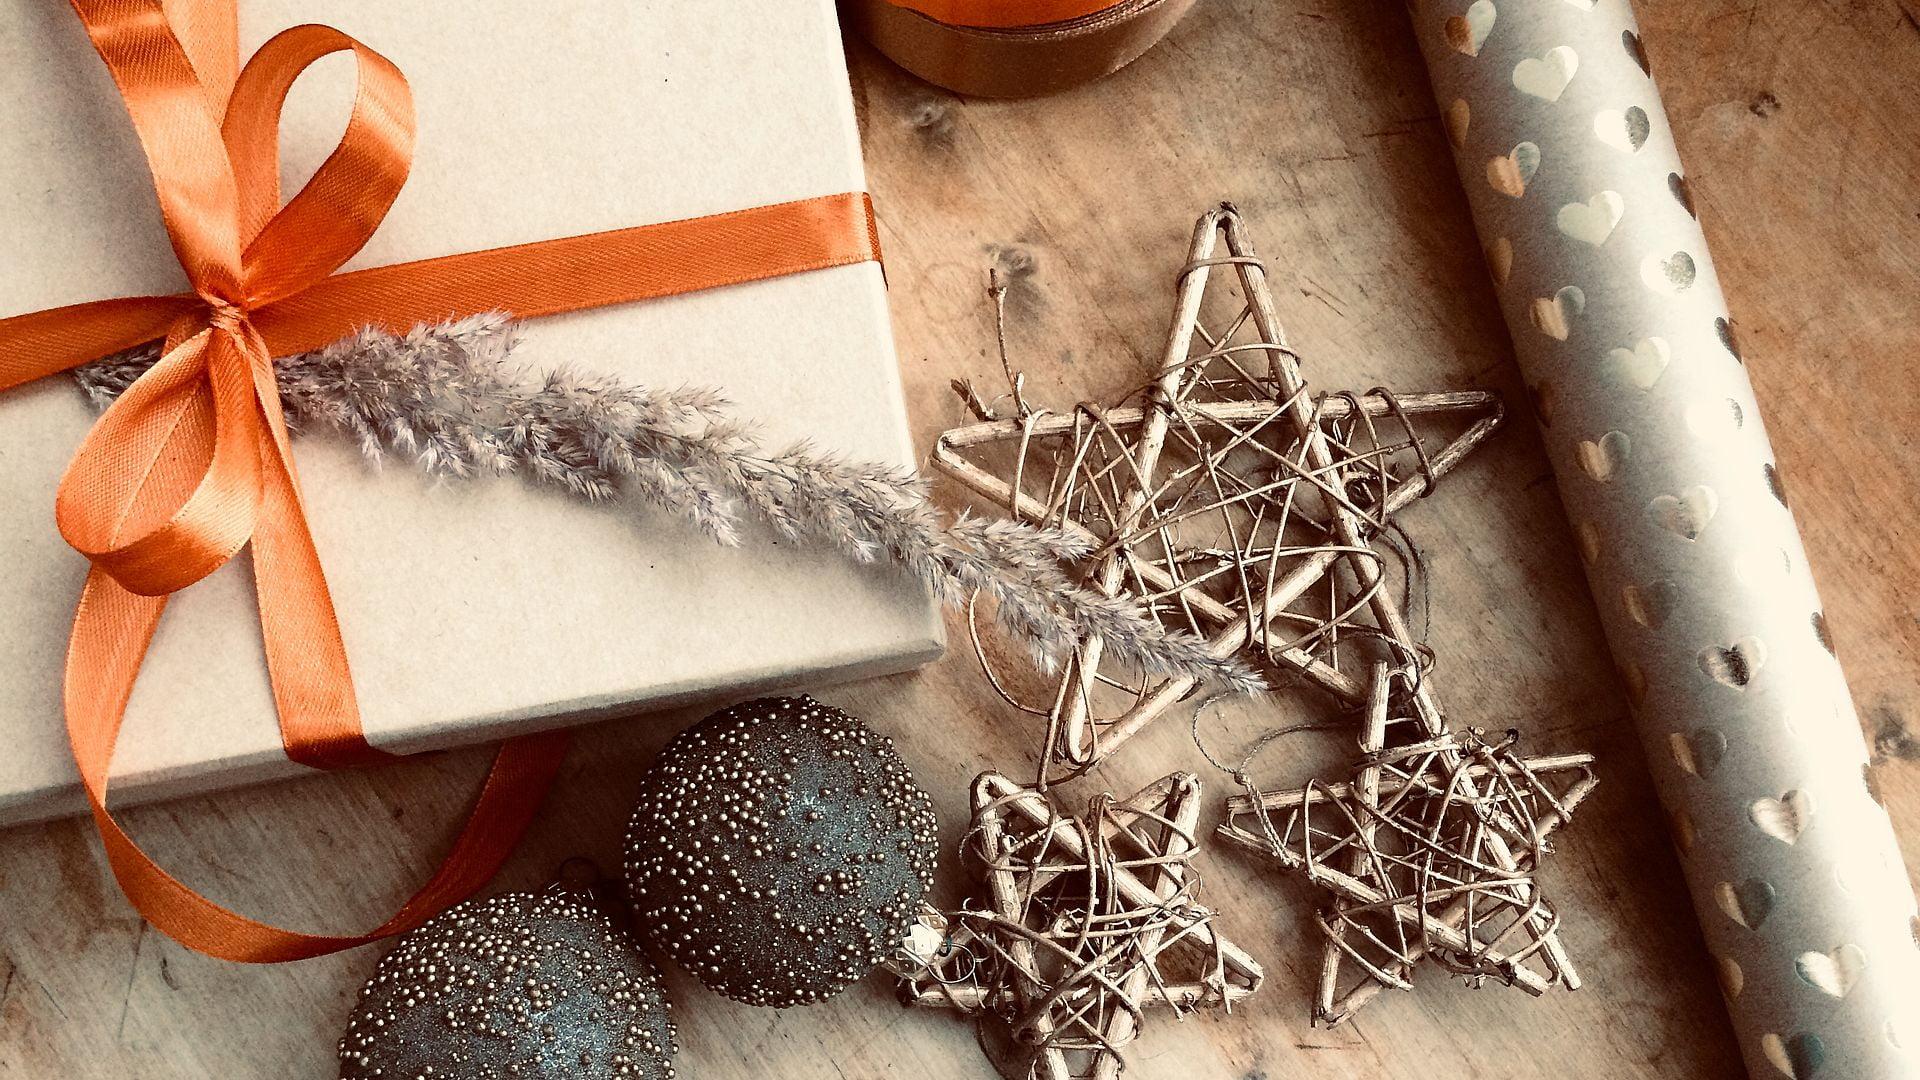 na drewnianym blacie leżą ozdoby choinkowe - dwie szklane bombki i 3 gwiazdki z gałązek, obok tekturowe pudełko z pomarańczową kokardką i rolka ozdobnego papieru. Wszystko w ciepłej, złocistej tonacji